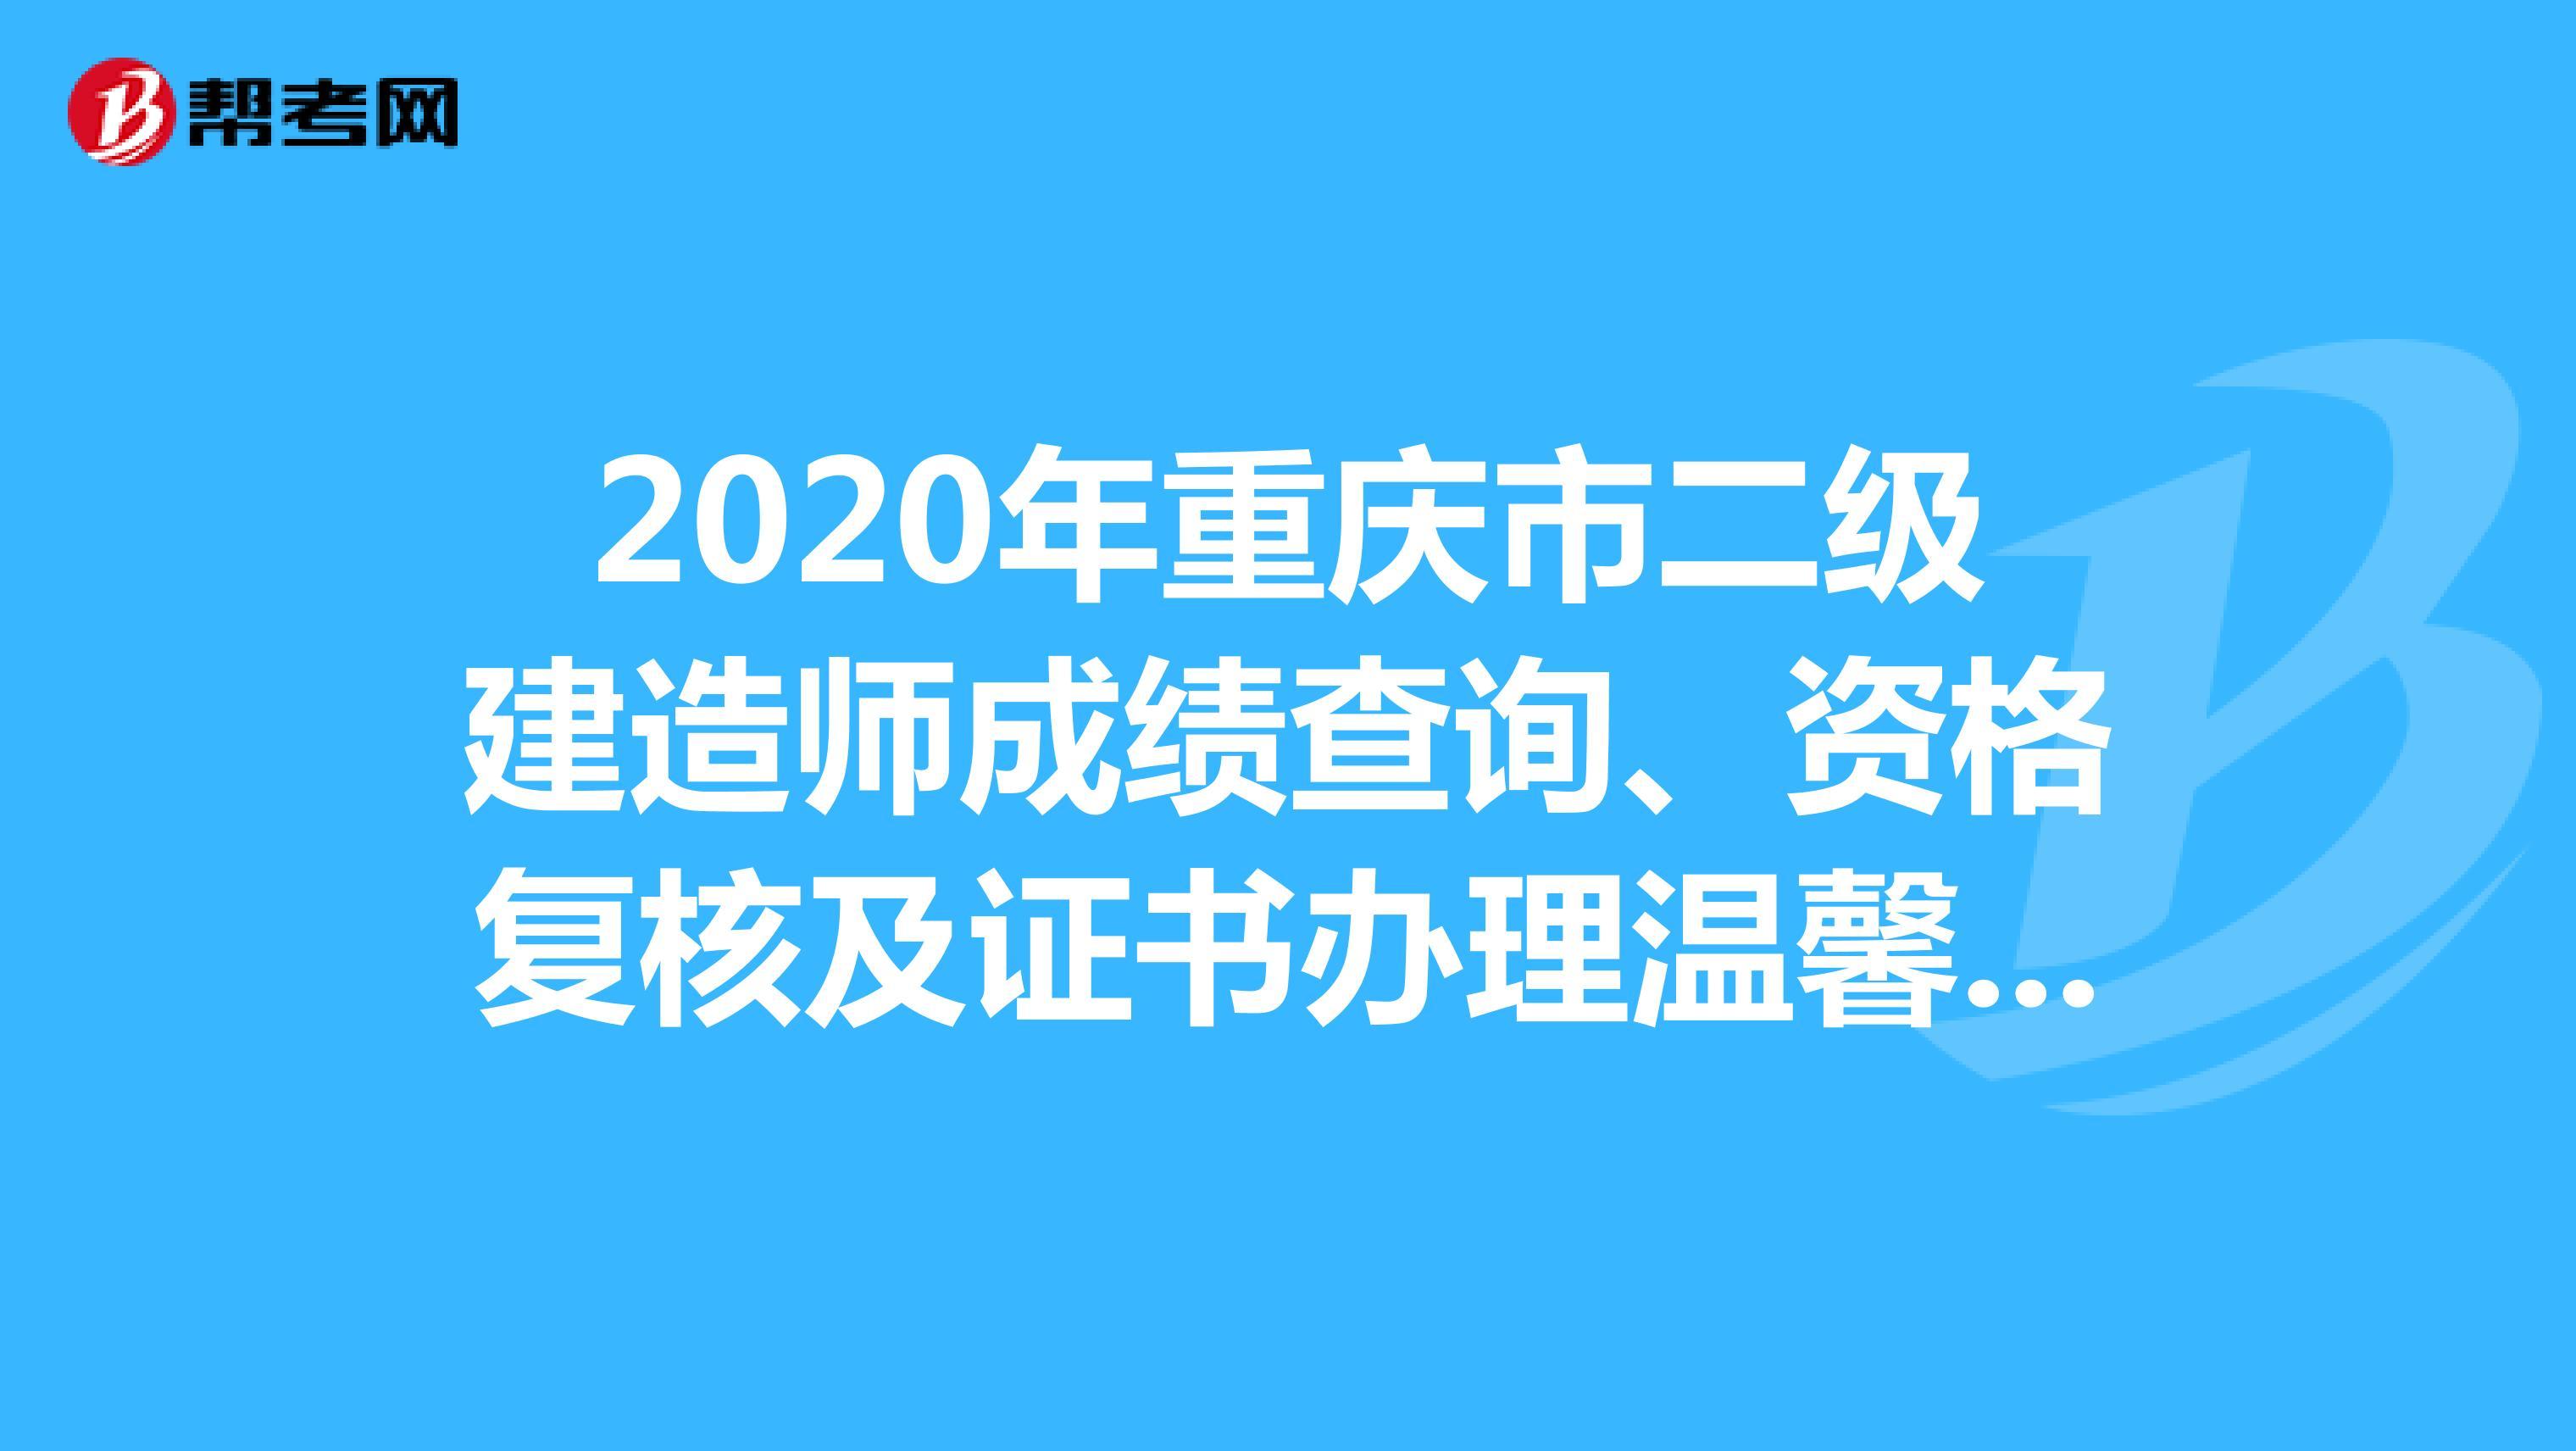 2020年重慶市二級建造師成績查詢、資格復核及證書辦理溫馨提示